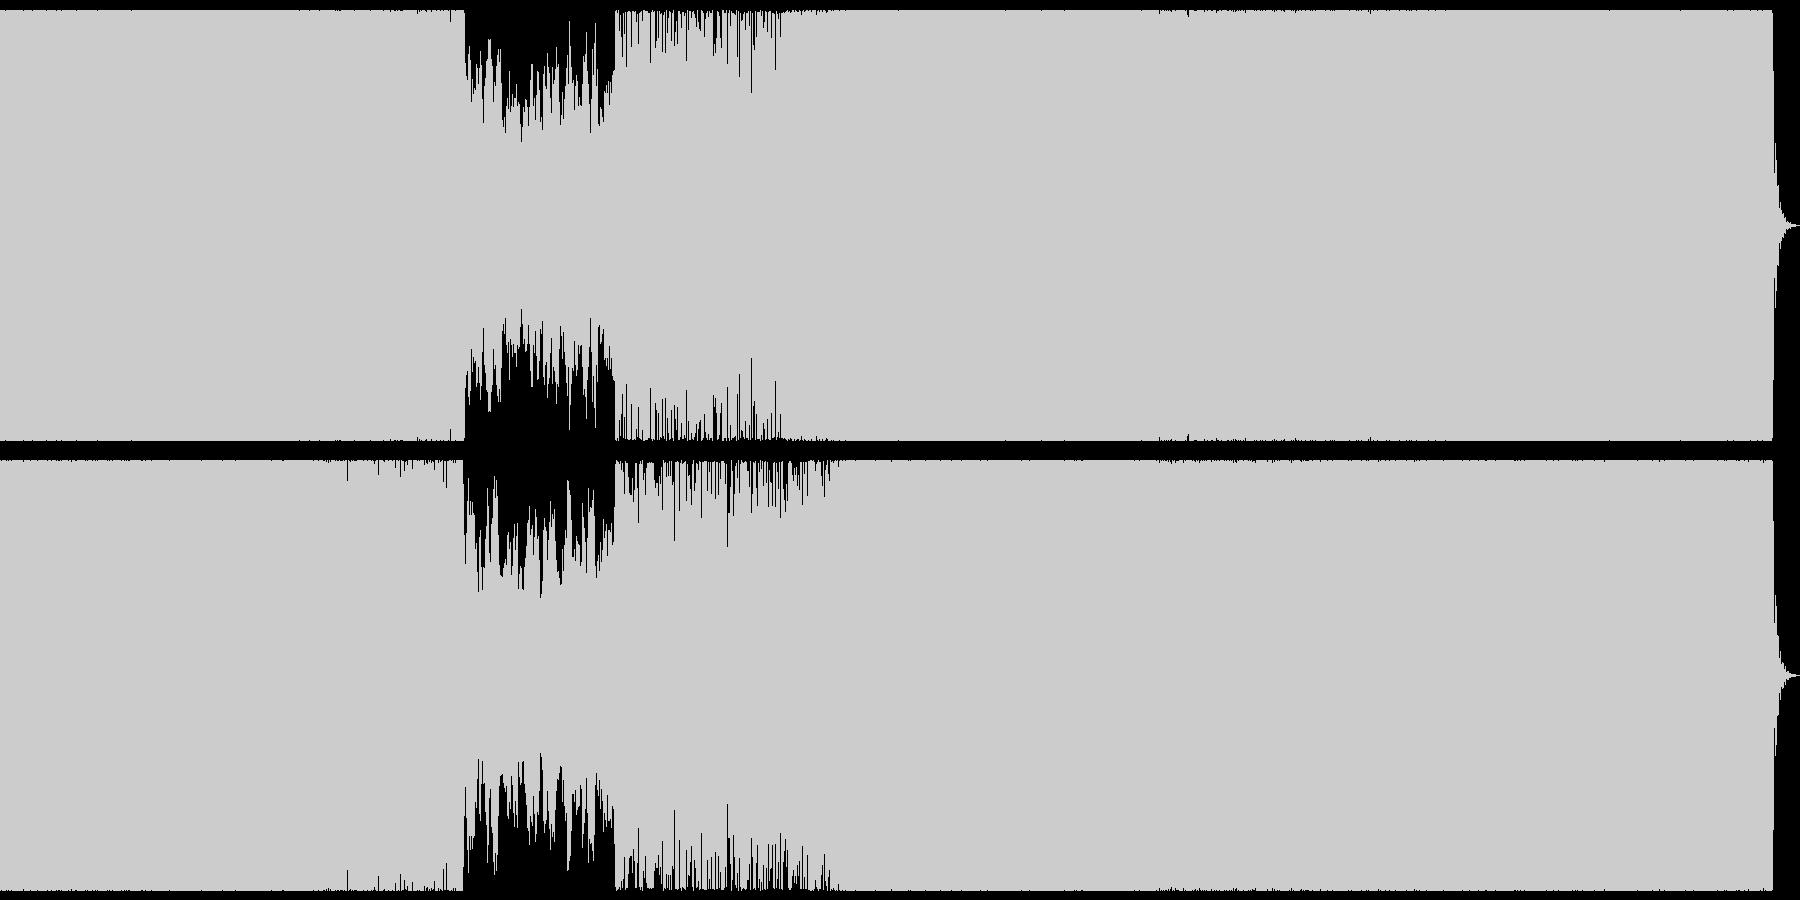 ダークで激しいトランス風戦闘系BGMの未再生の波形